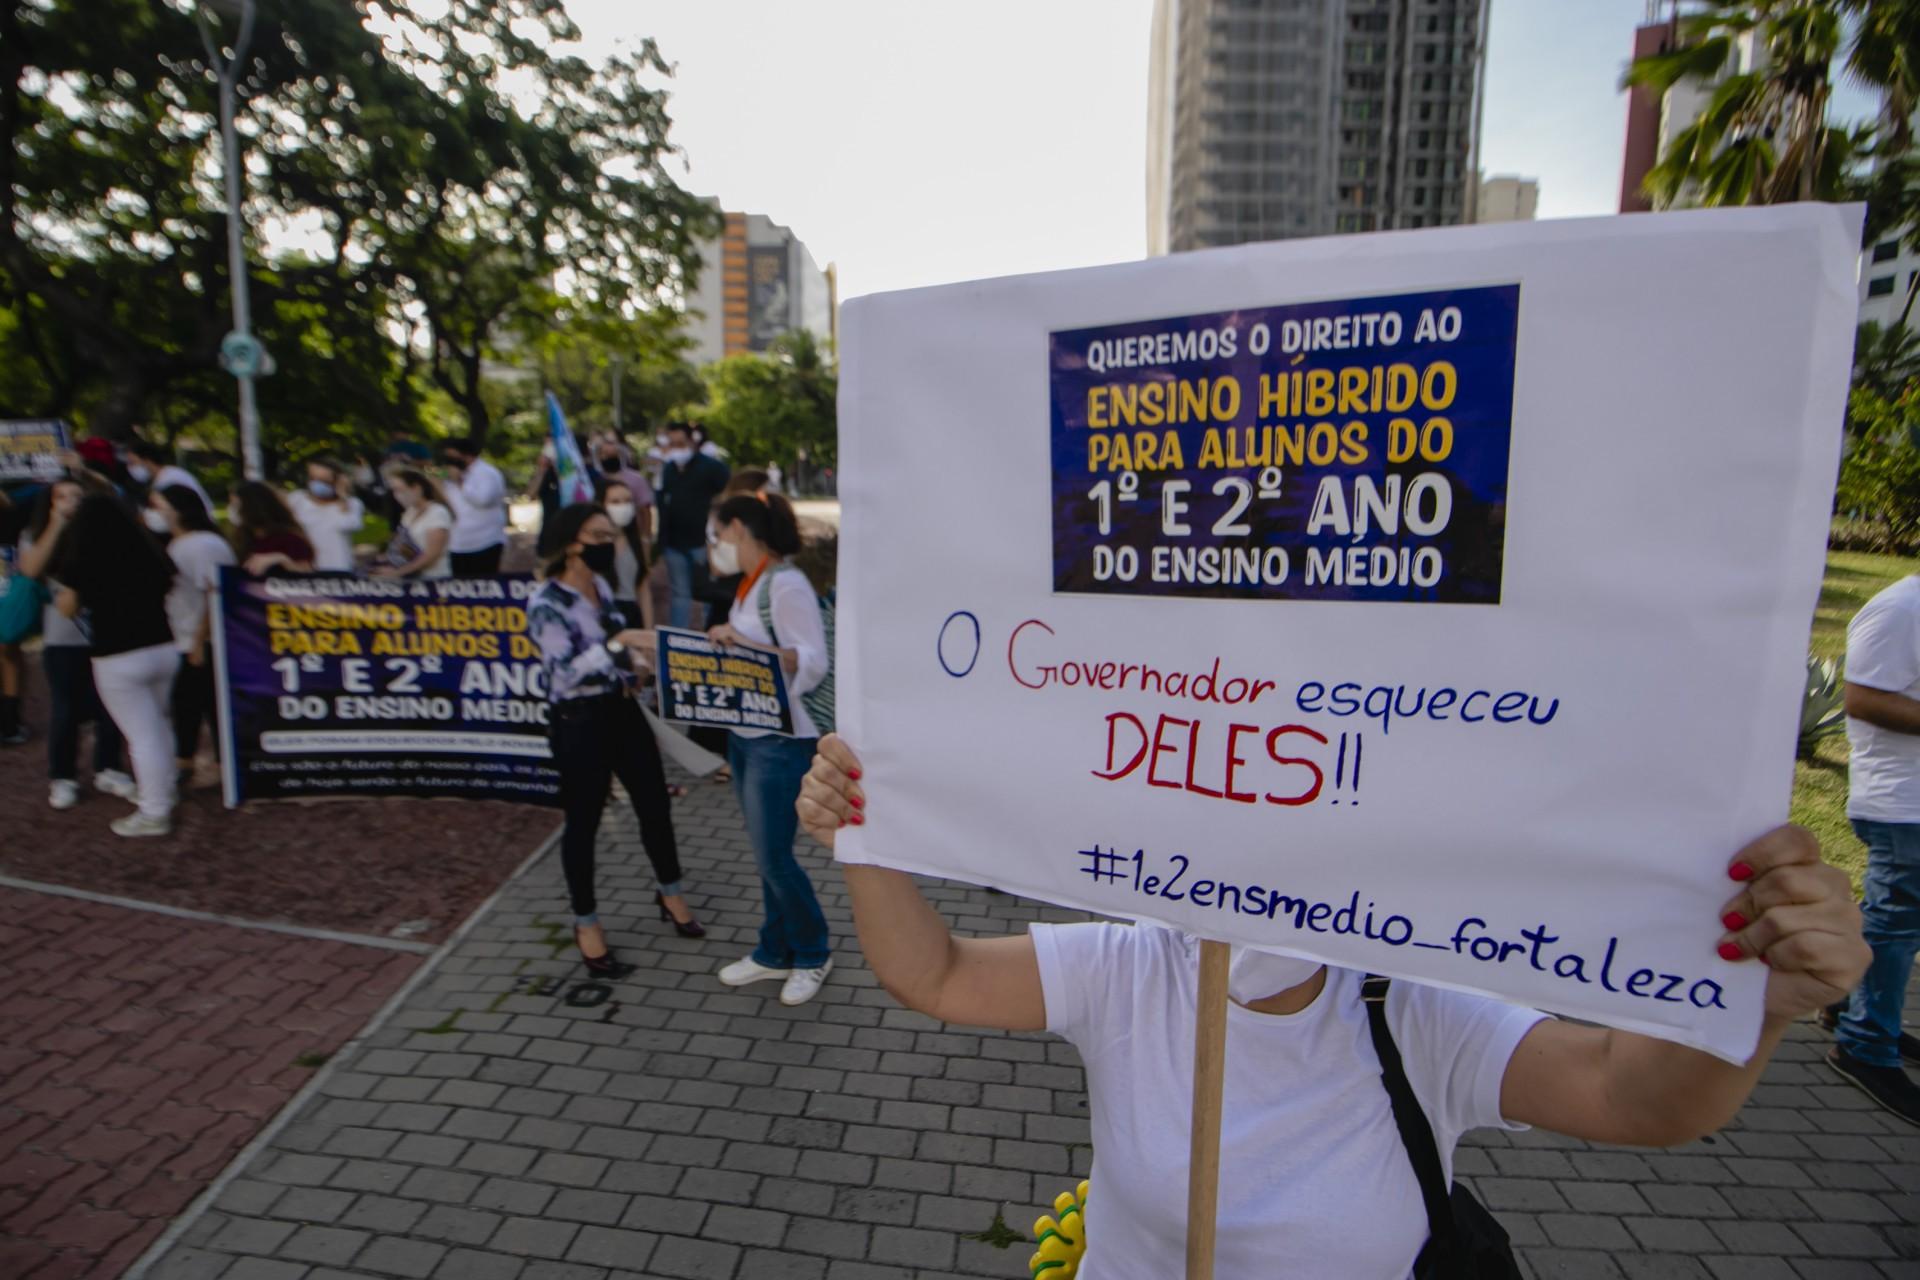 ENTIDADES realizaram manifestações pedindo a volta das aulas presenciais no Ensino Médio